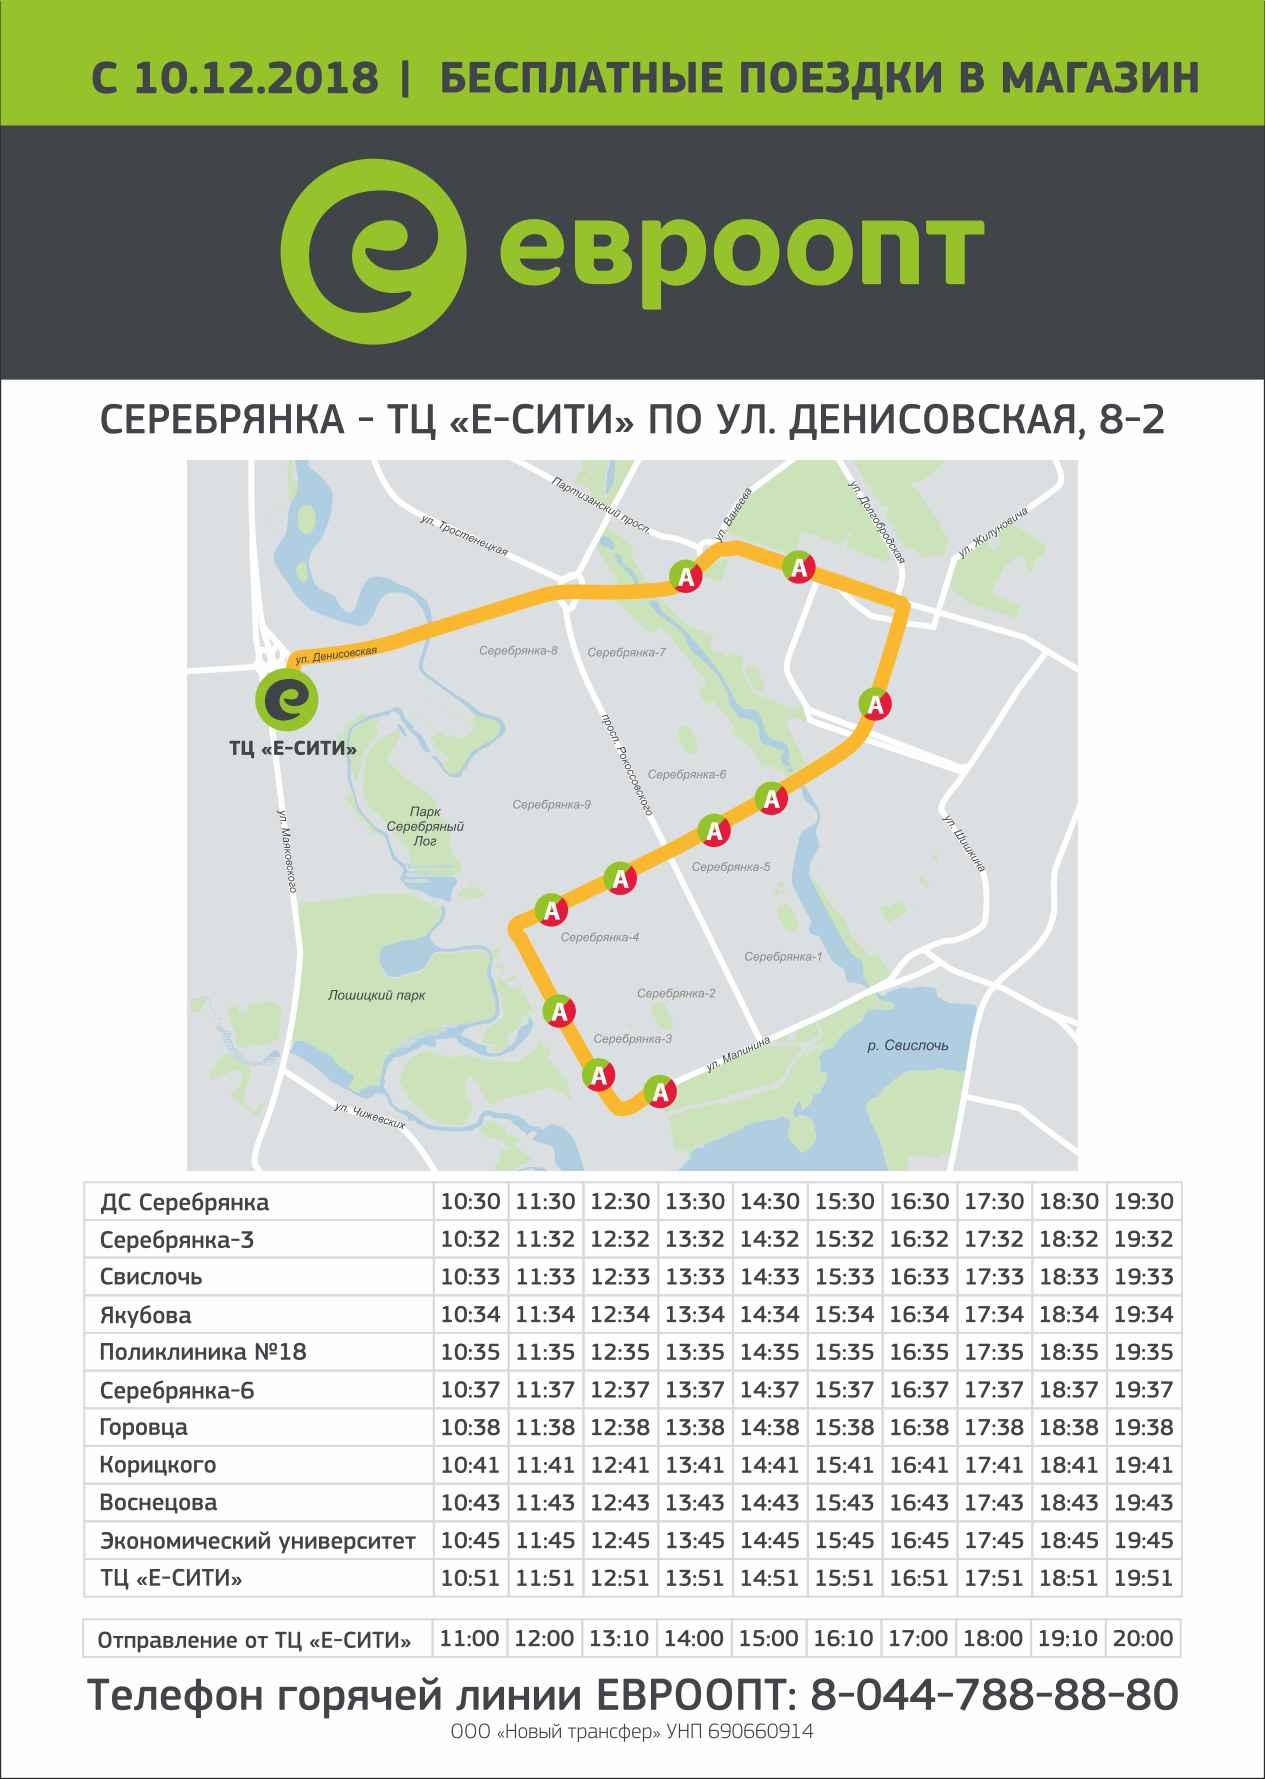 Расписание автобусов Евроопт с Серебрянки-2